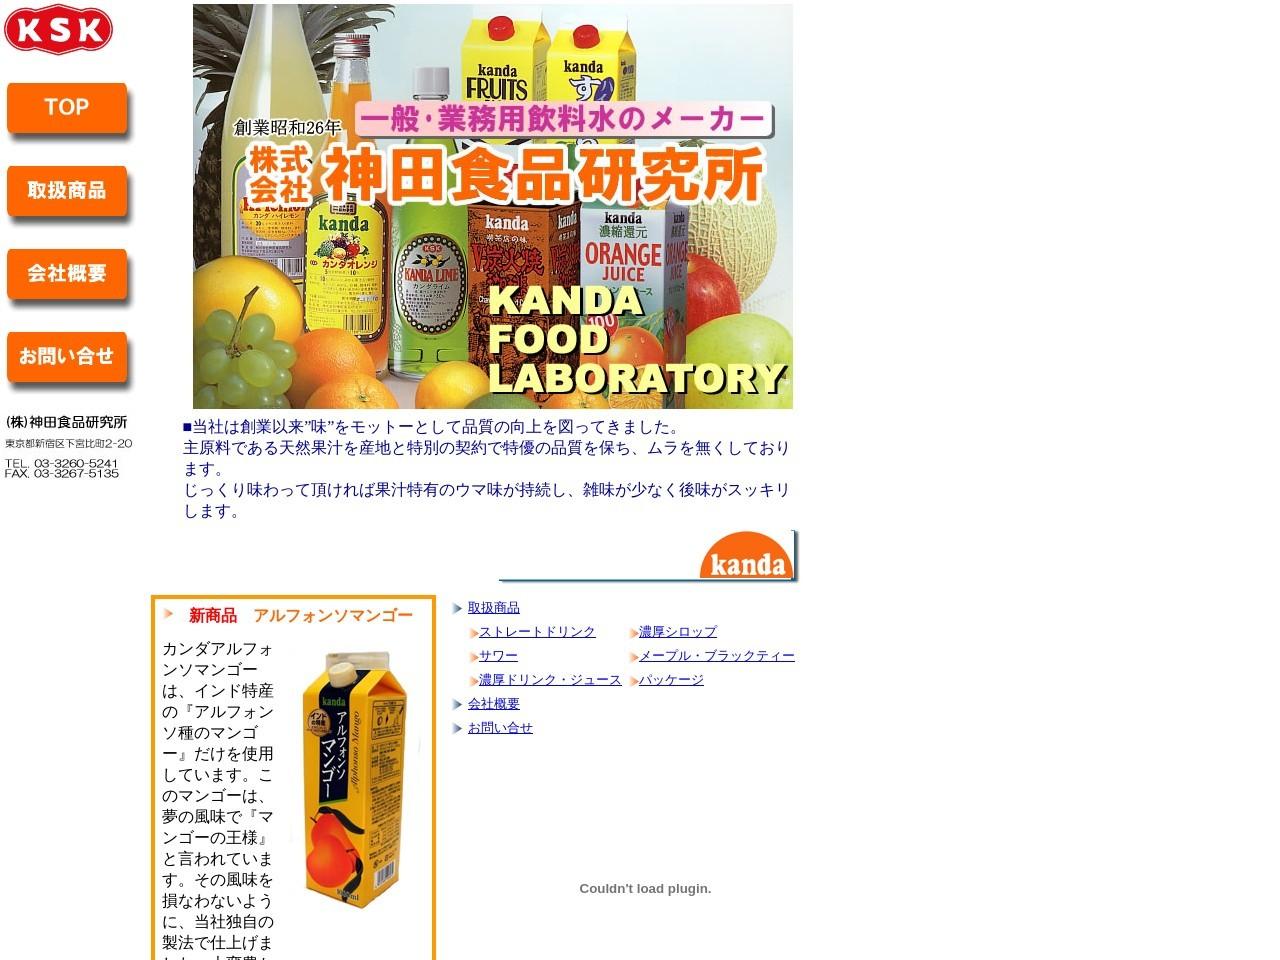 株式会社神田食品研究所